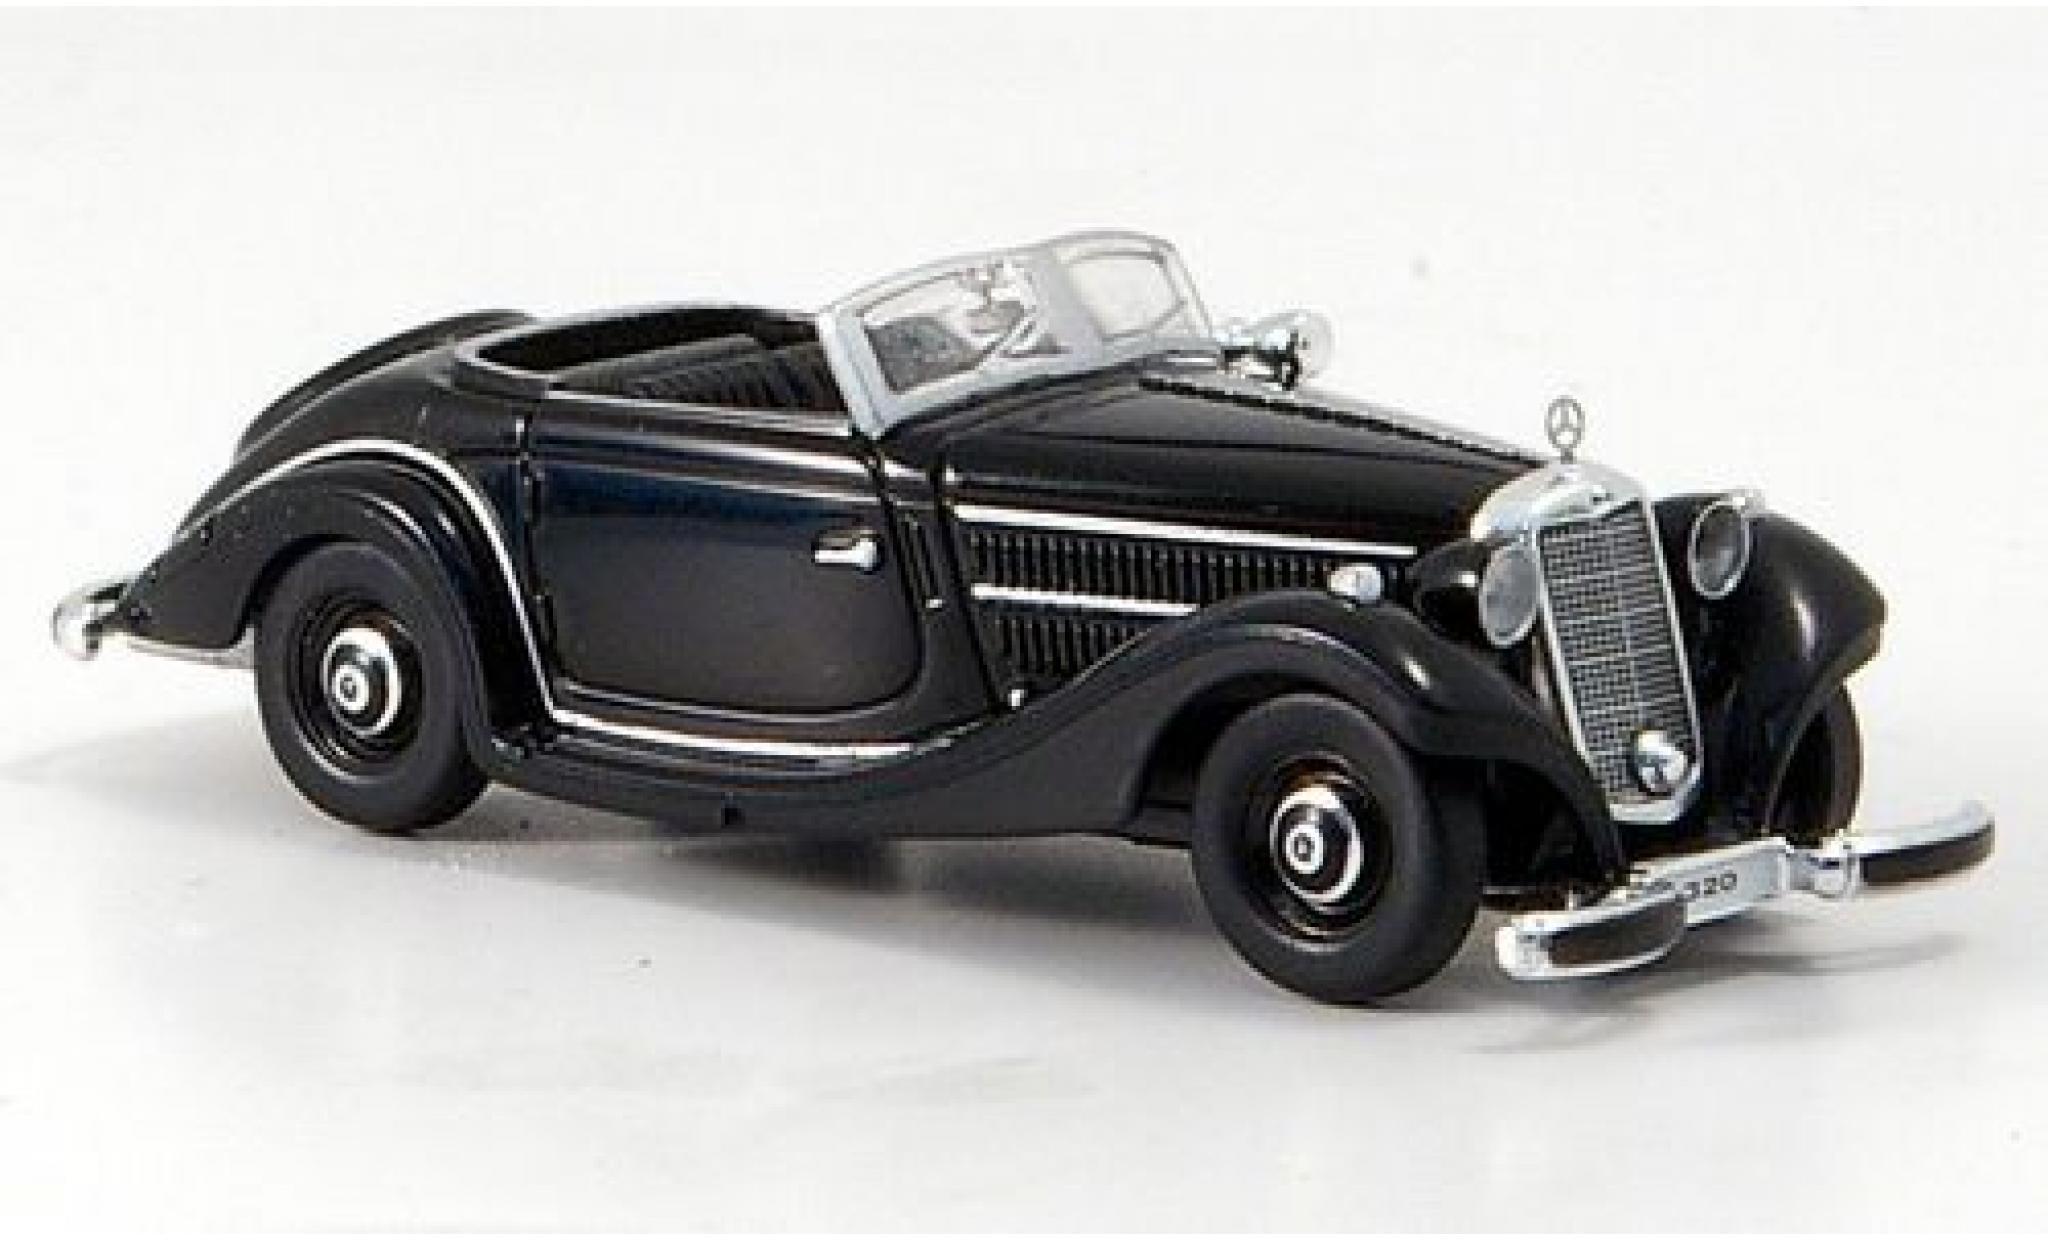 Mercedes 320 1/87 Ricko n (W142)